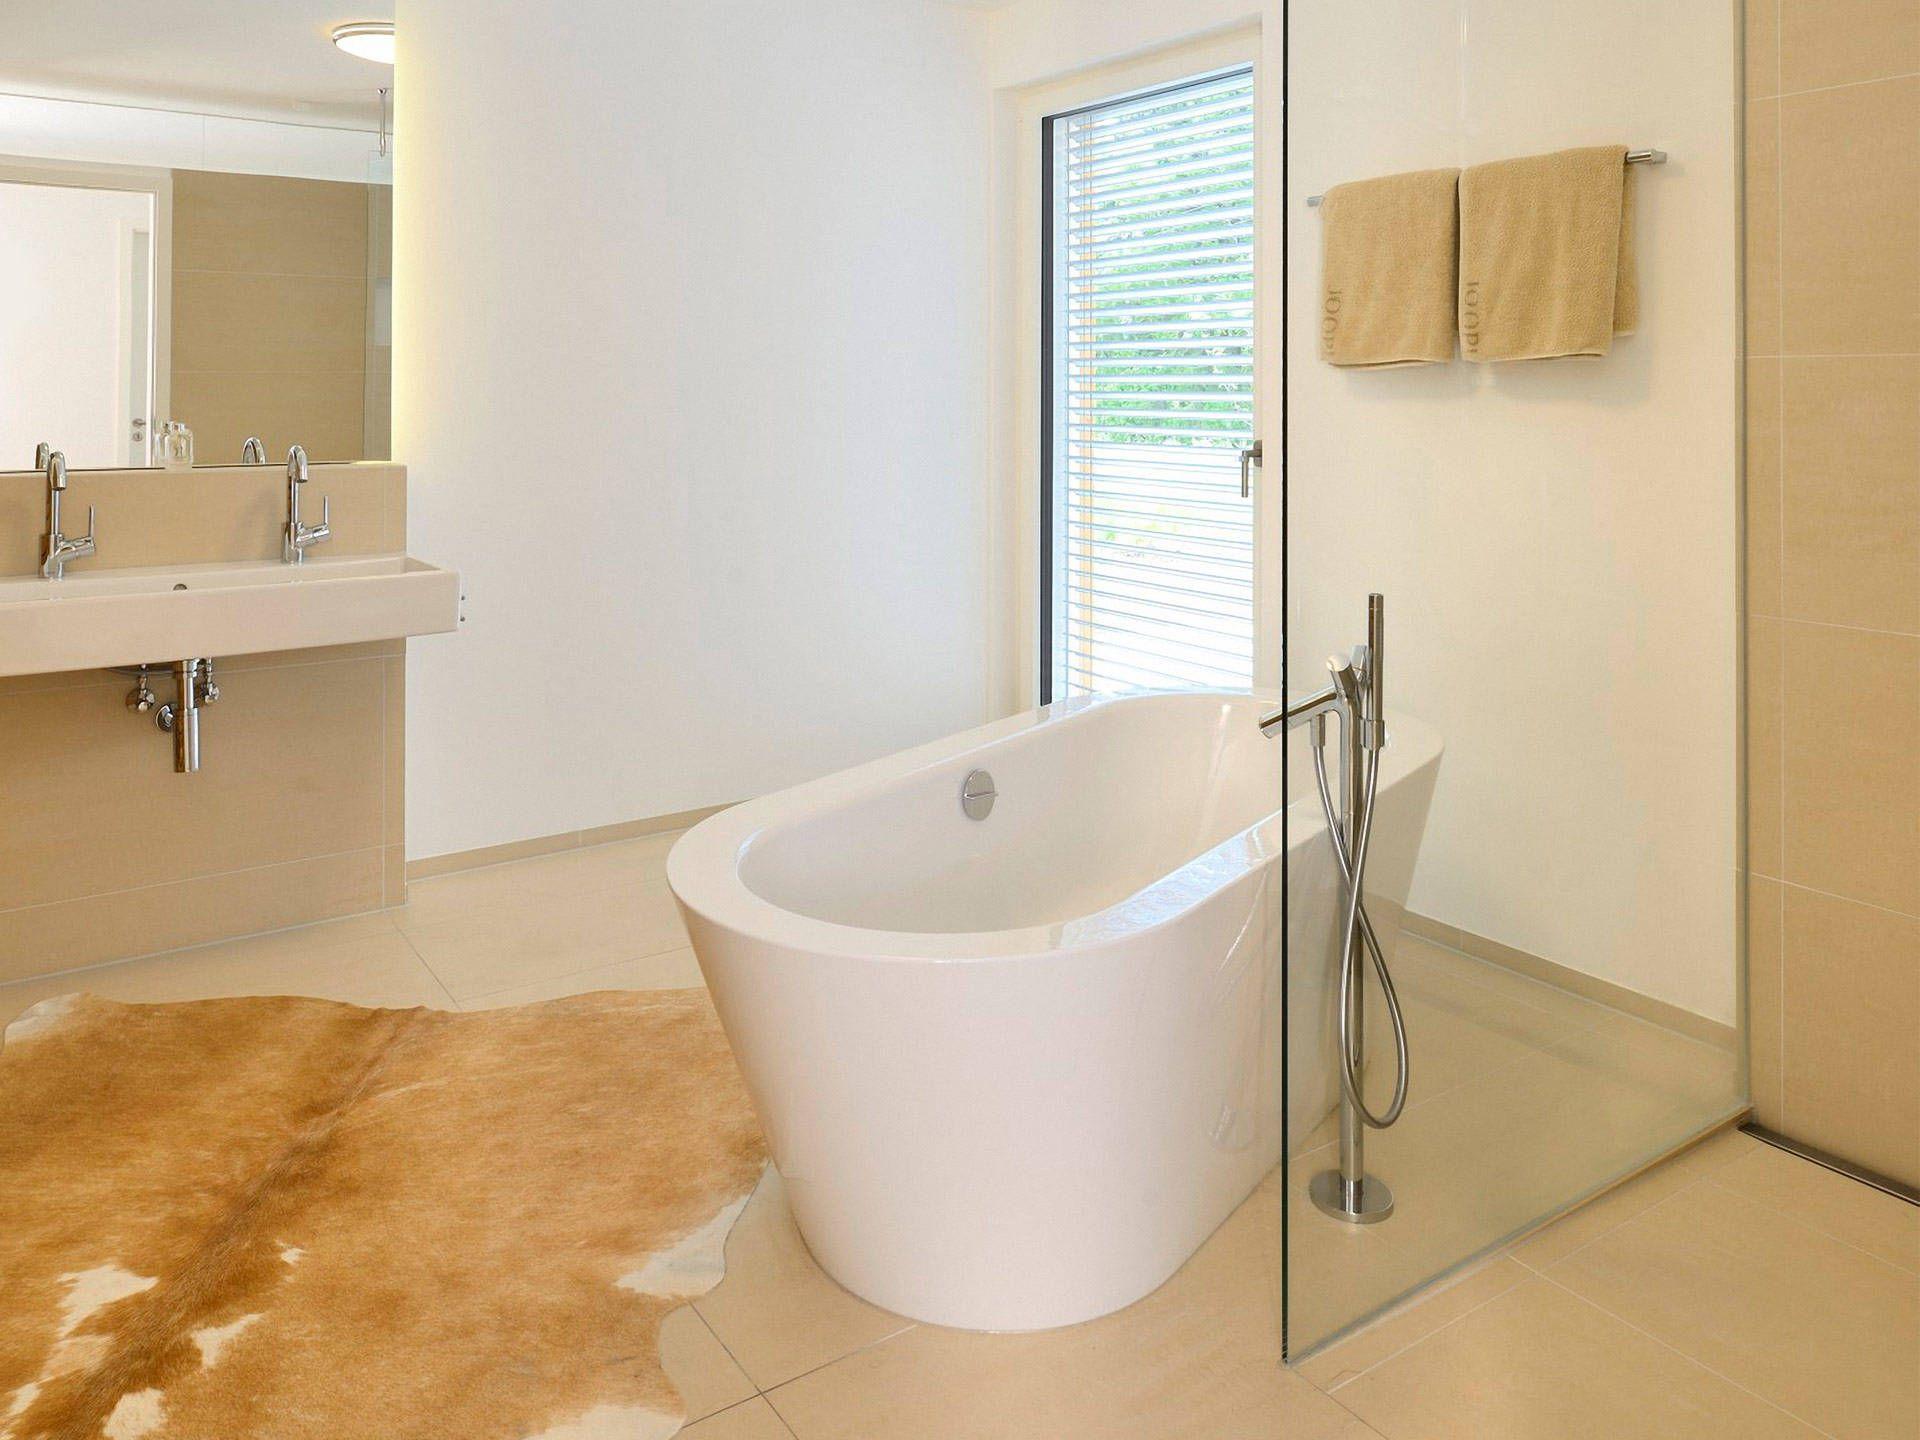 Badezimmer im Mehrfamilienhaus Erstling von Baufritz Weitere Informationen gibt es auf Musterhaus